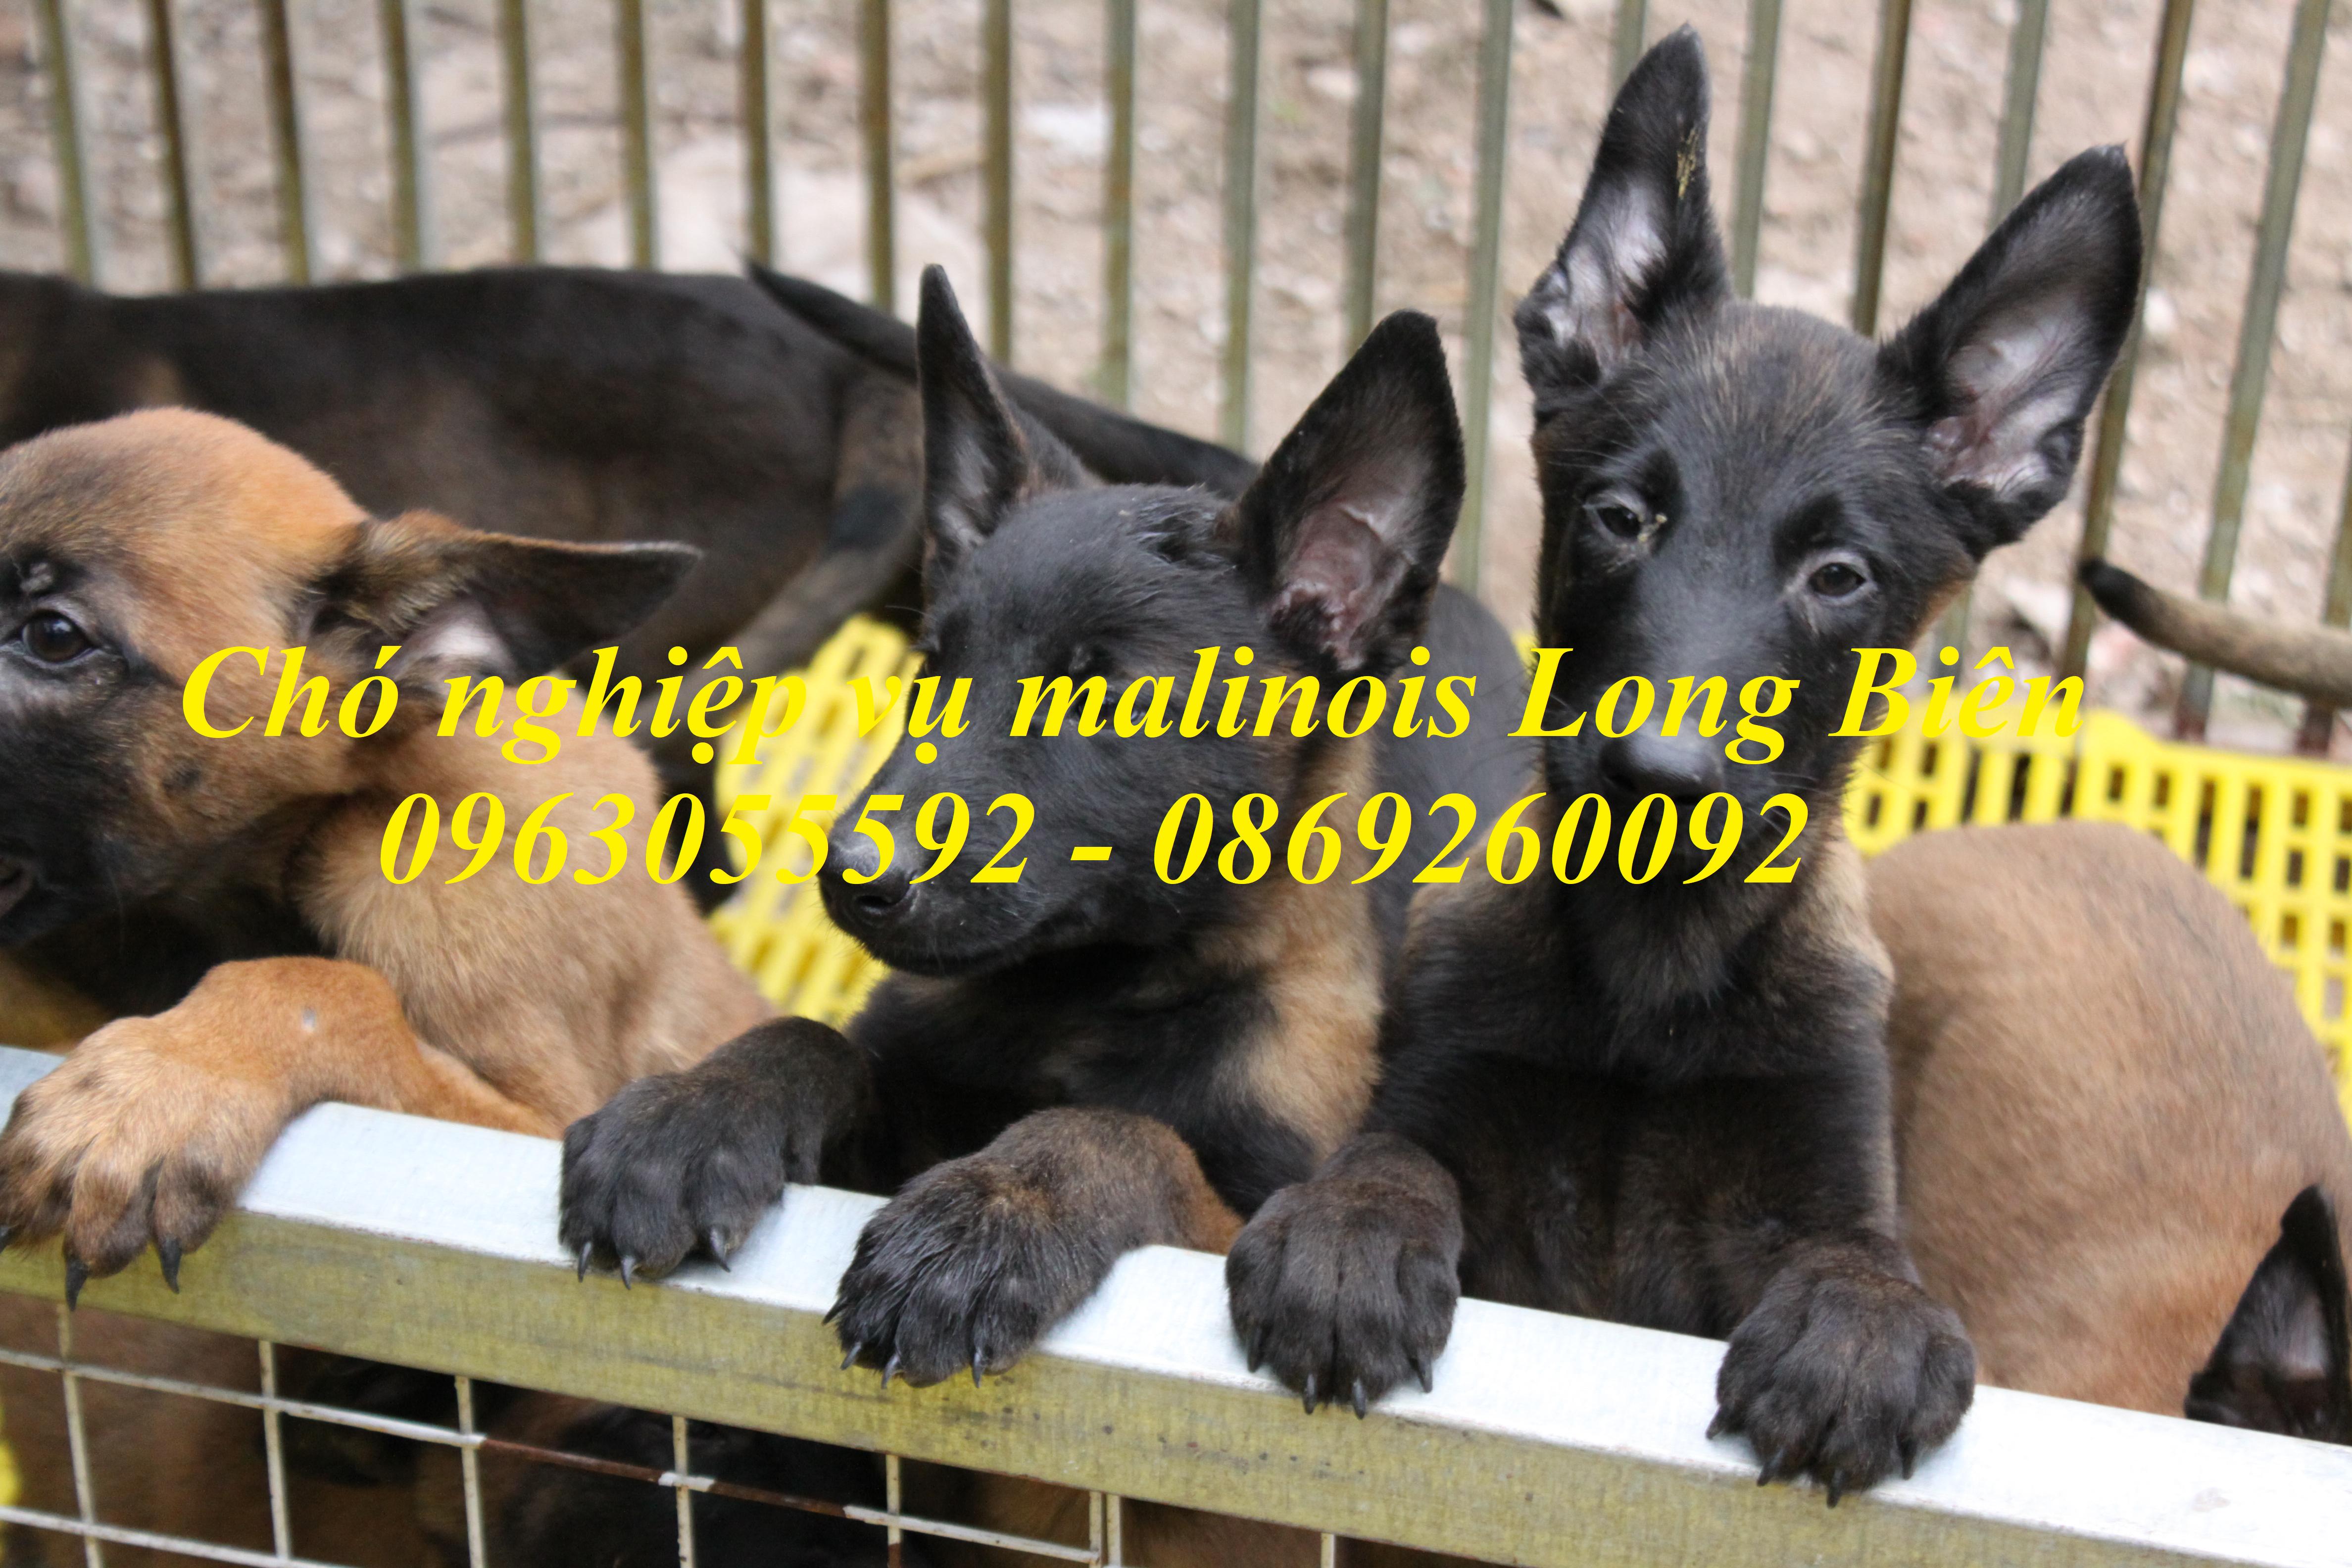 Chó belgian malinois 2 tháng tuổi tại trại chó nghiệp vụ malinois Long Biên